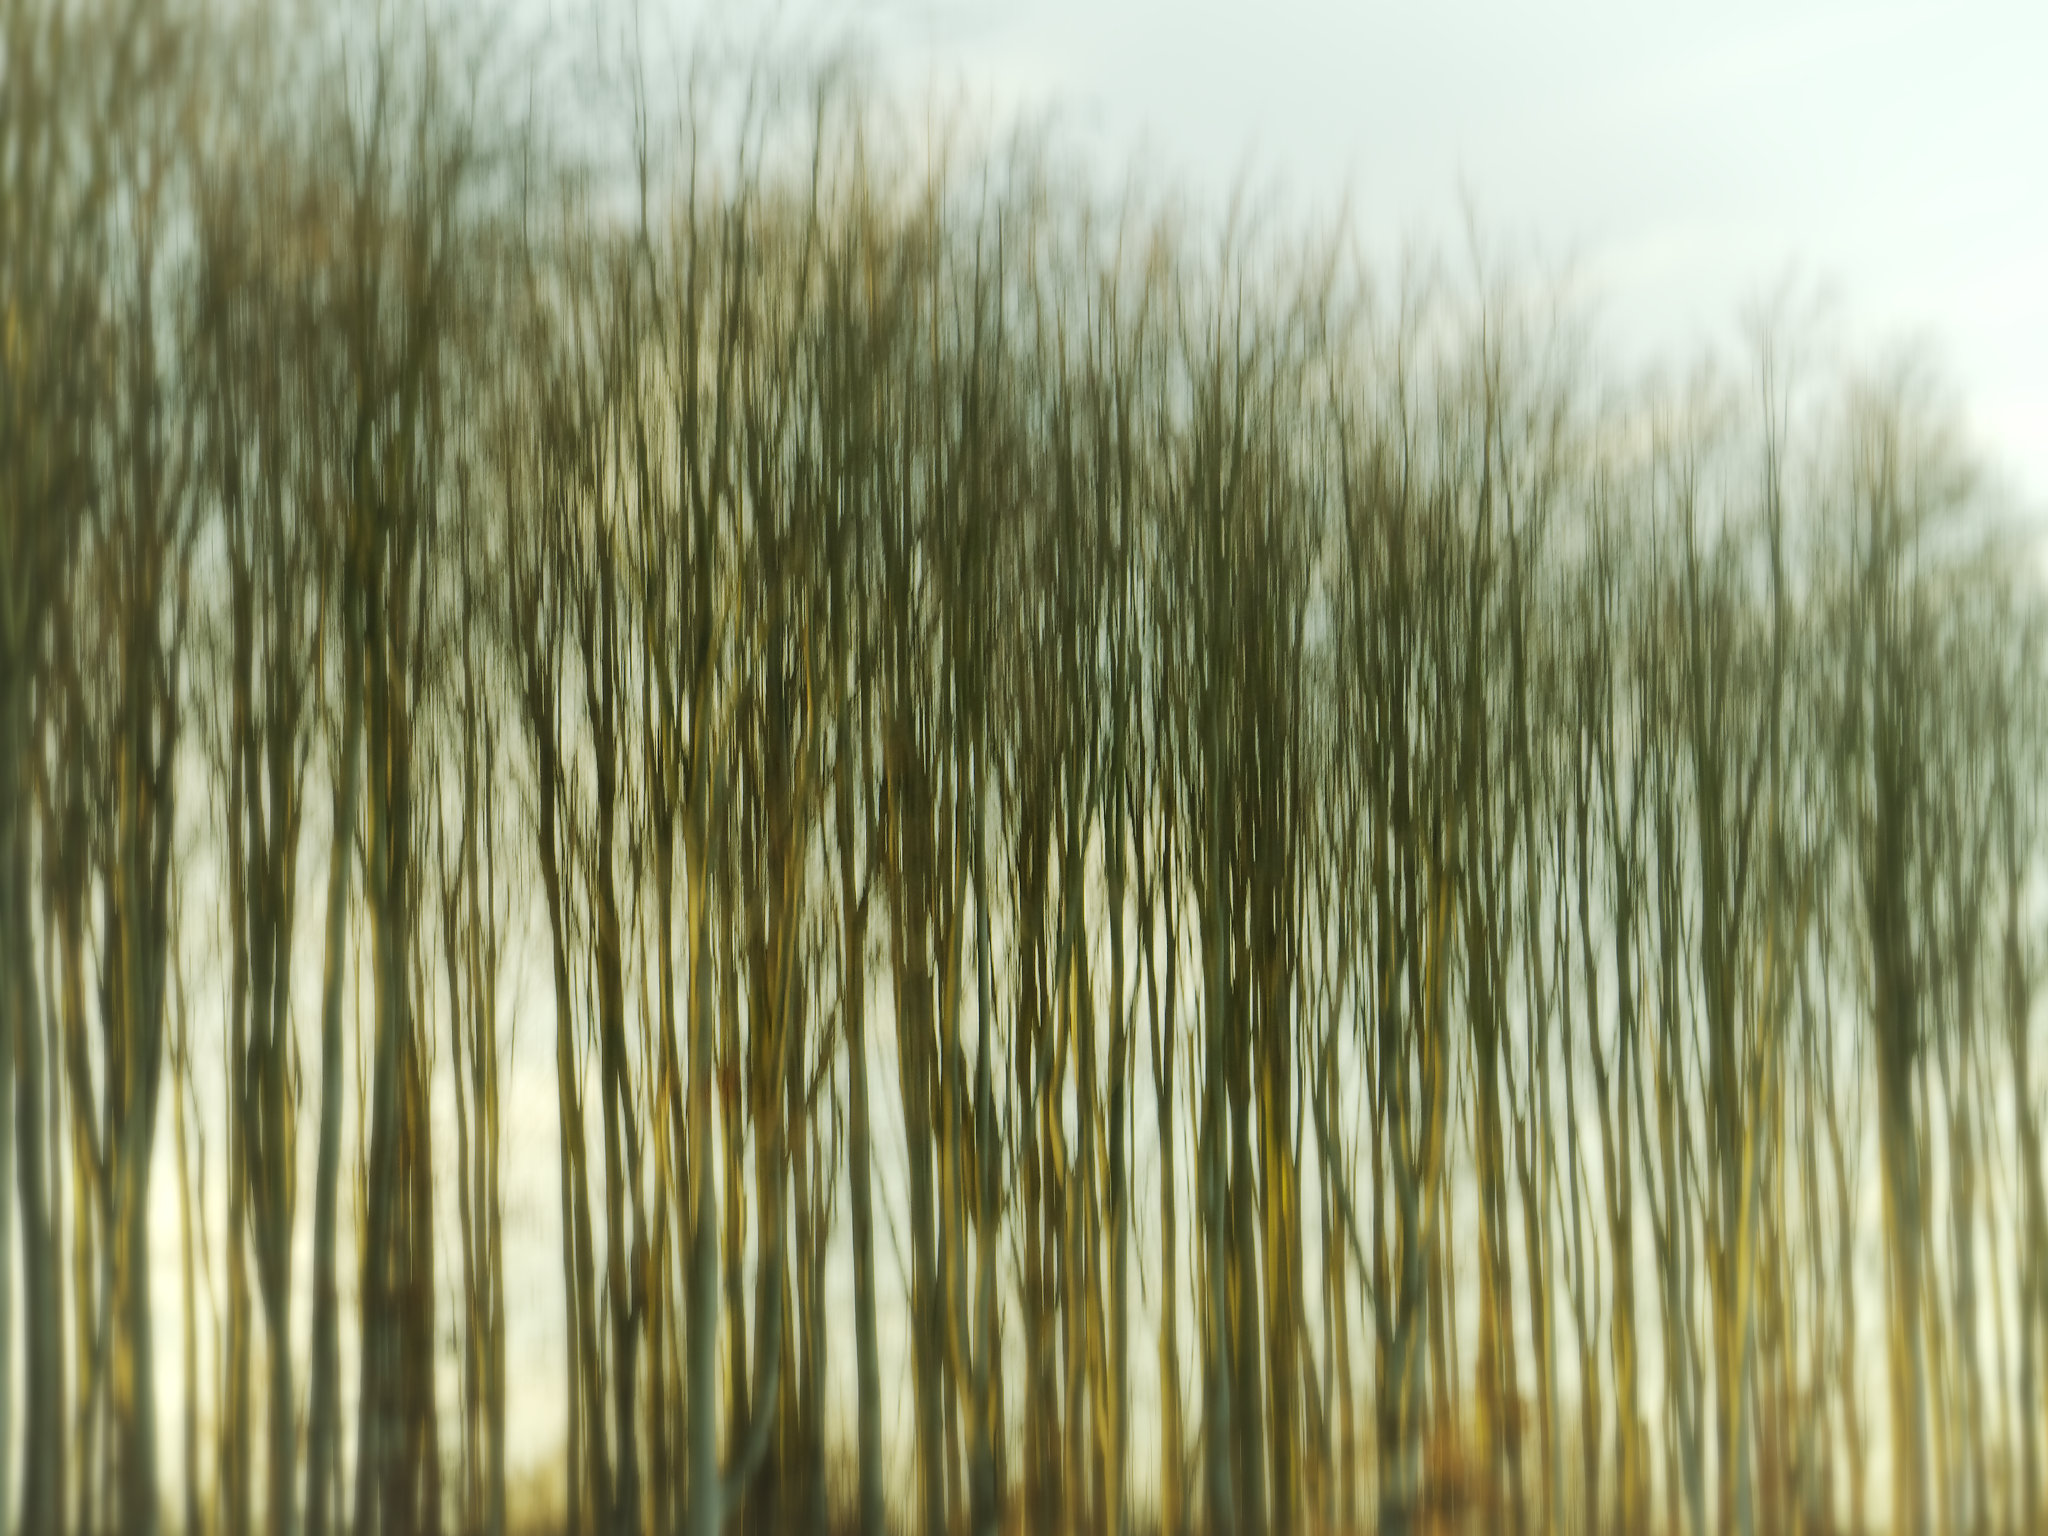 Aufnahme von kahlen Bäumen, bei der die Kamera abwärts bewegt wurde. Dadurch ergibt sich eine Verschiebung in Längsrichtung, also in Wuchsrichtung der Bäume.